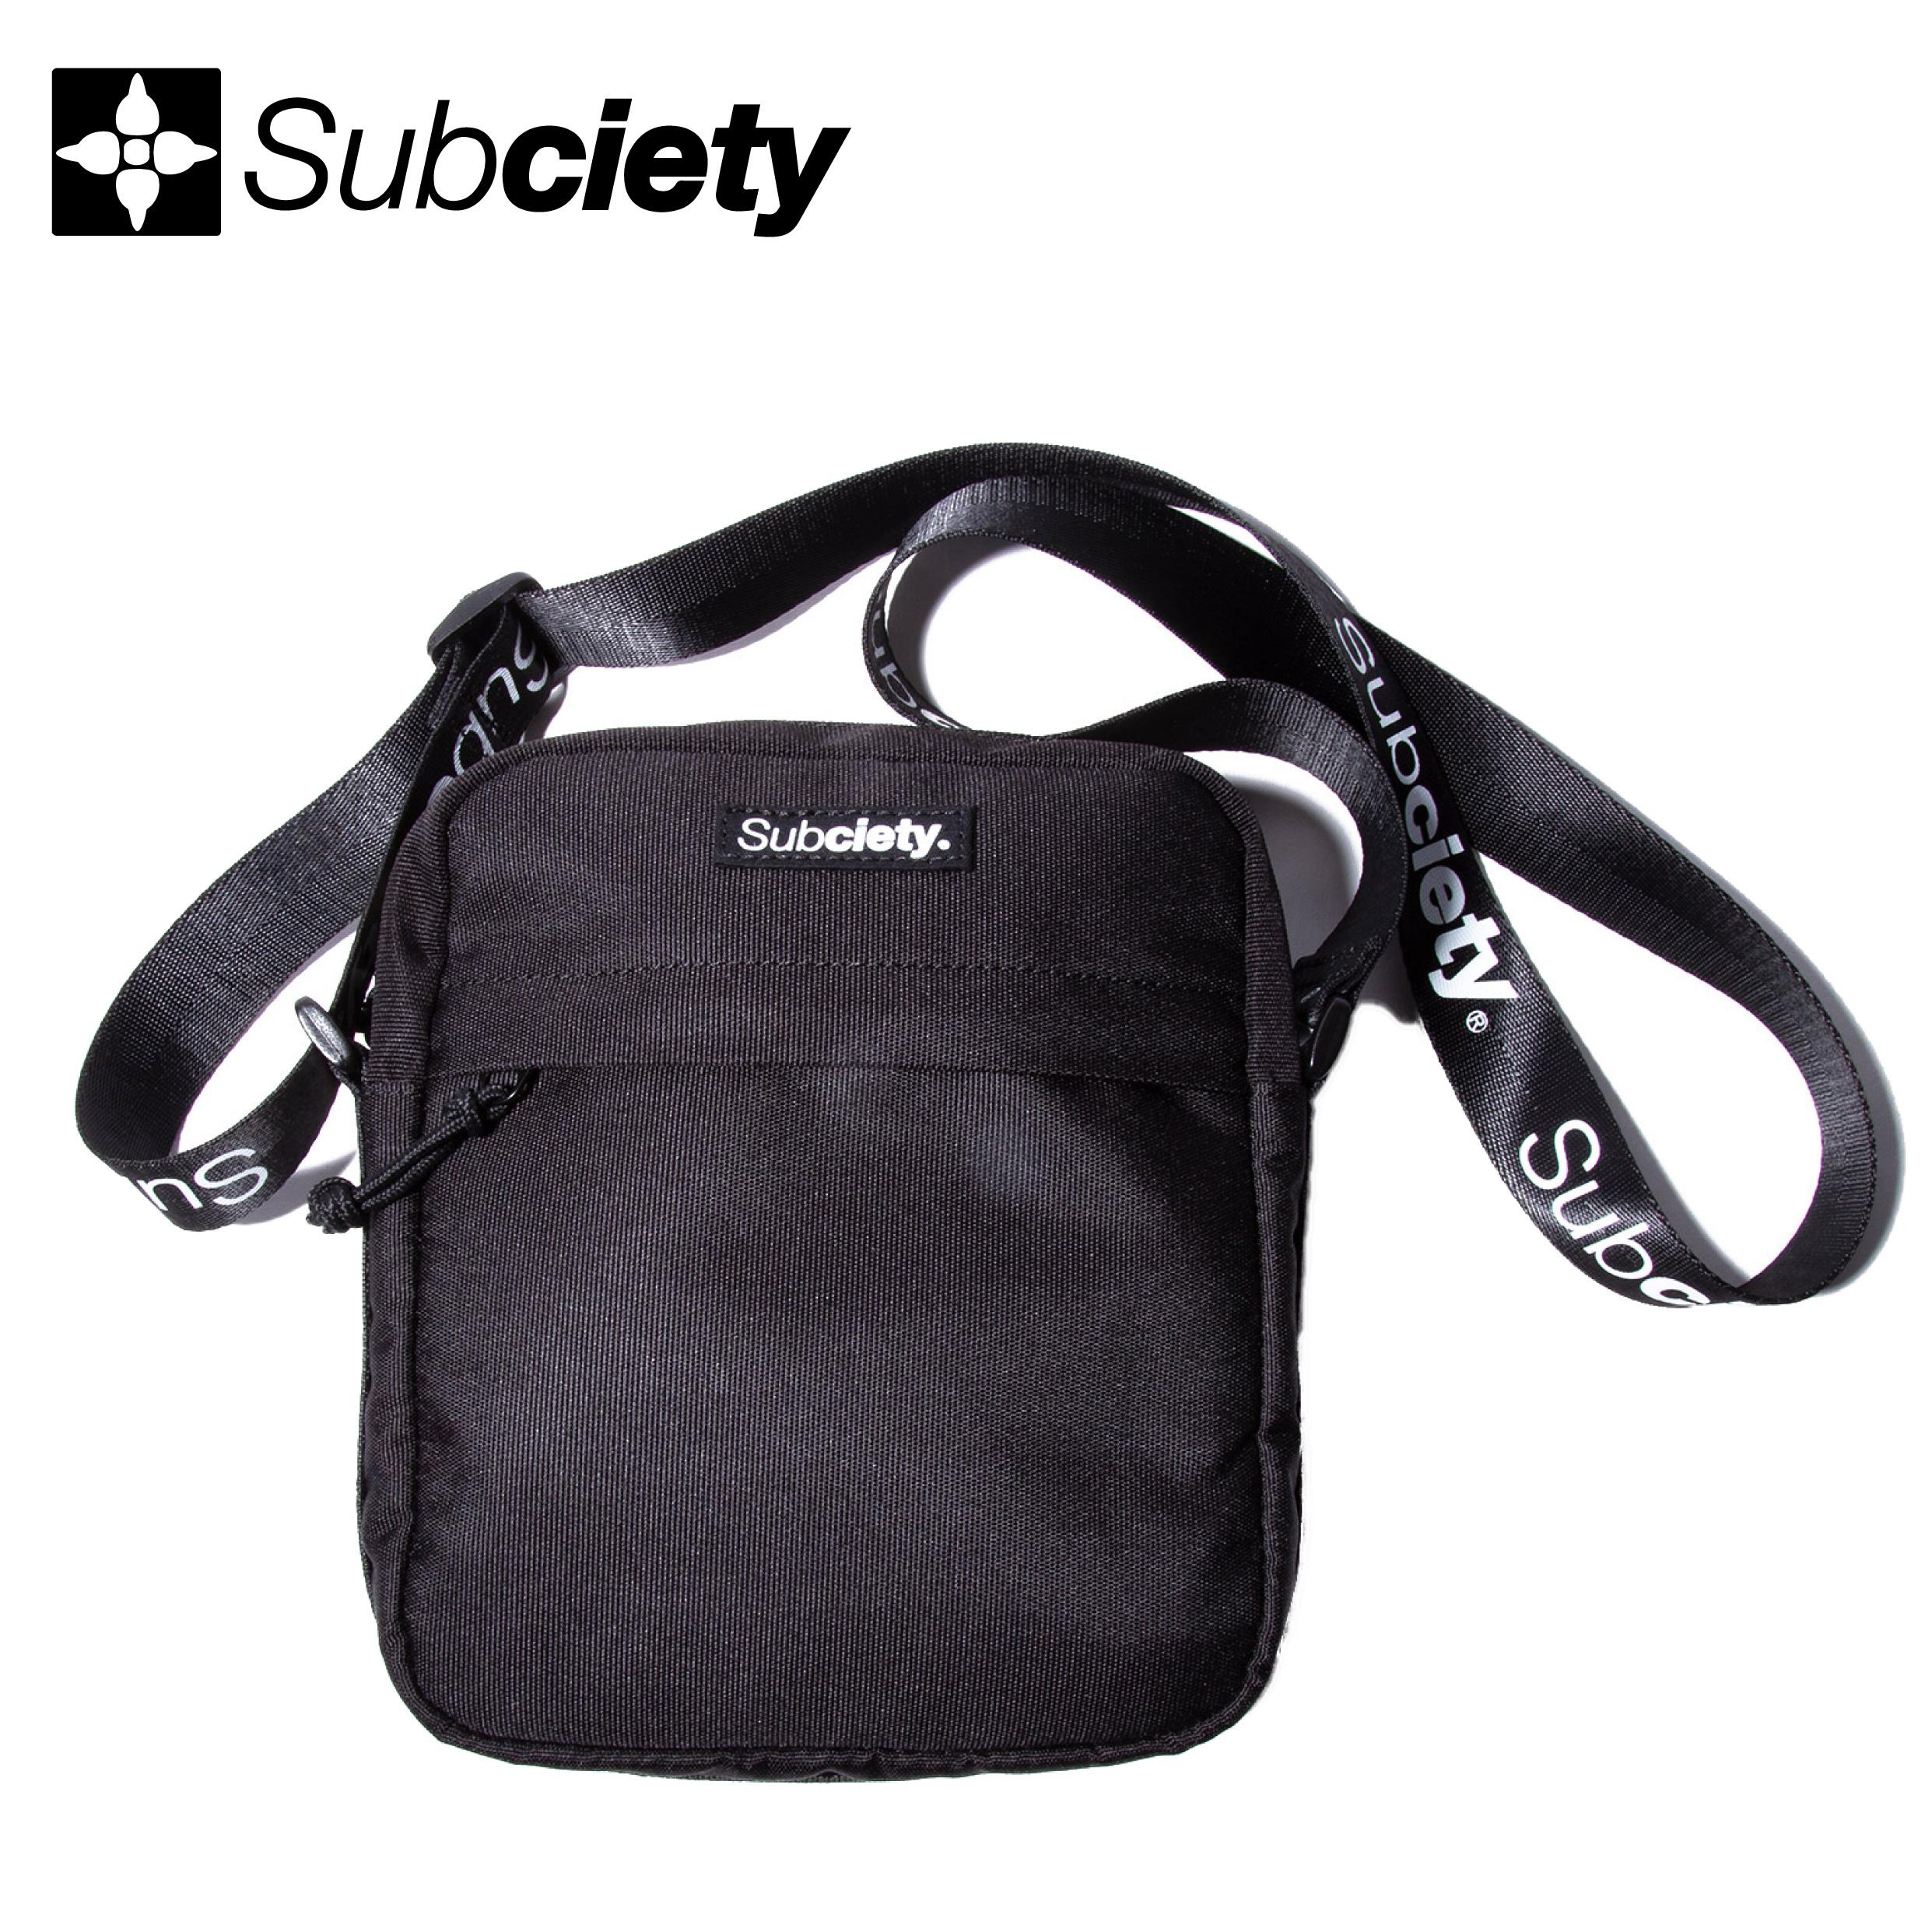 Subciety(サブサエティ) | SHOULDER BAG-THE BASE-